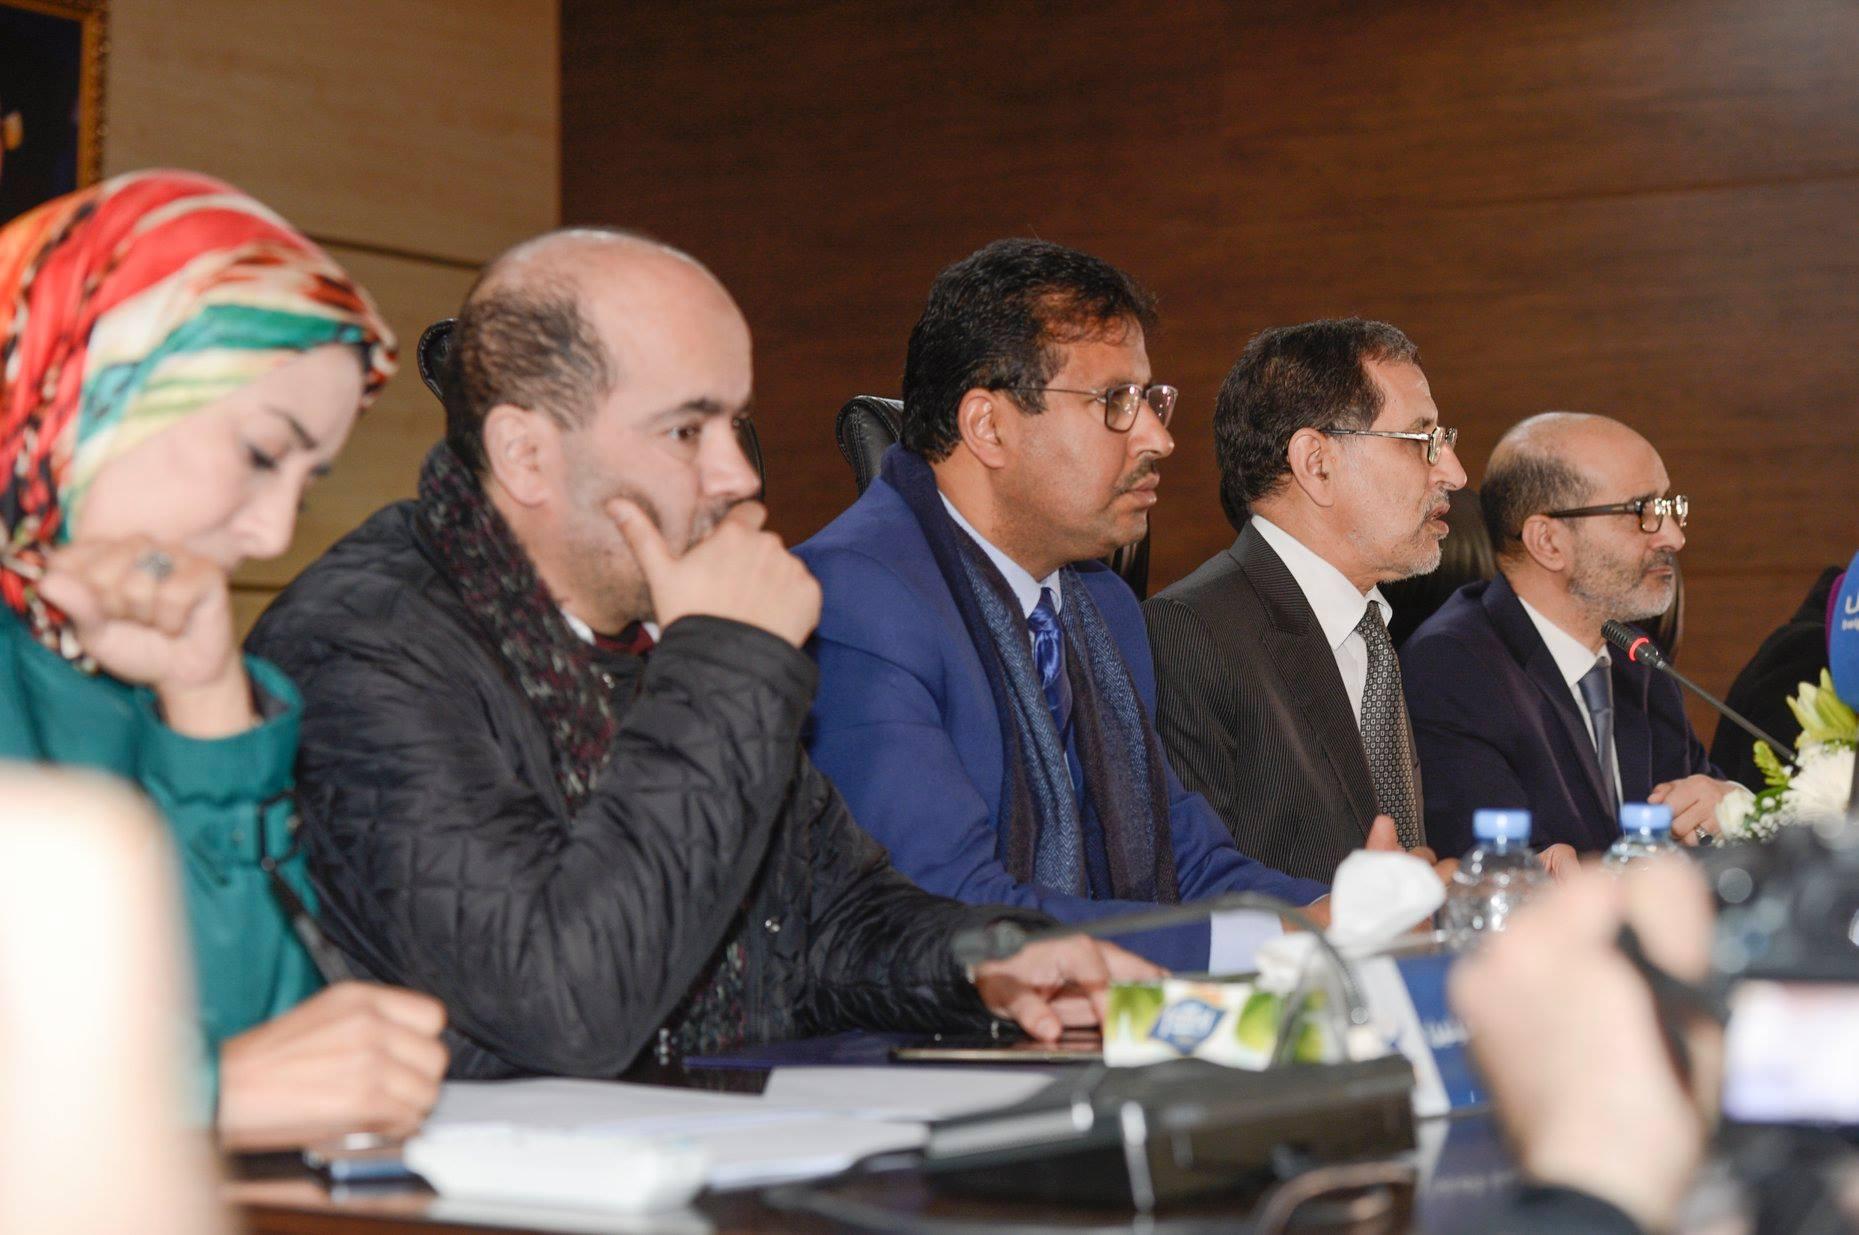 تكتل 'فاس مكناس' يُسيطرُ على قرارات 'البيجيدي' ويفرض 'العمراني' نائباً لرئيس مجلس النواب